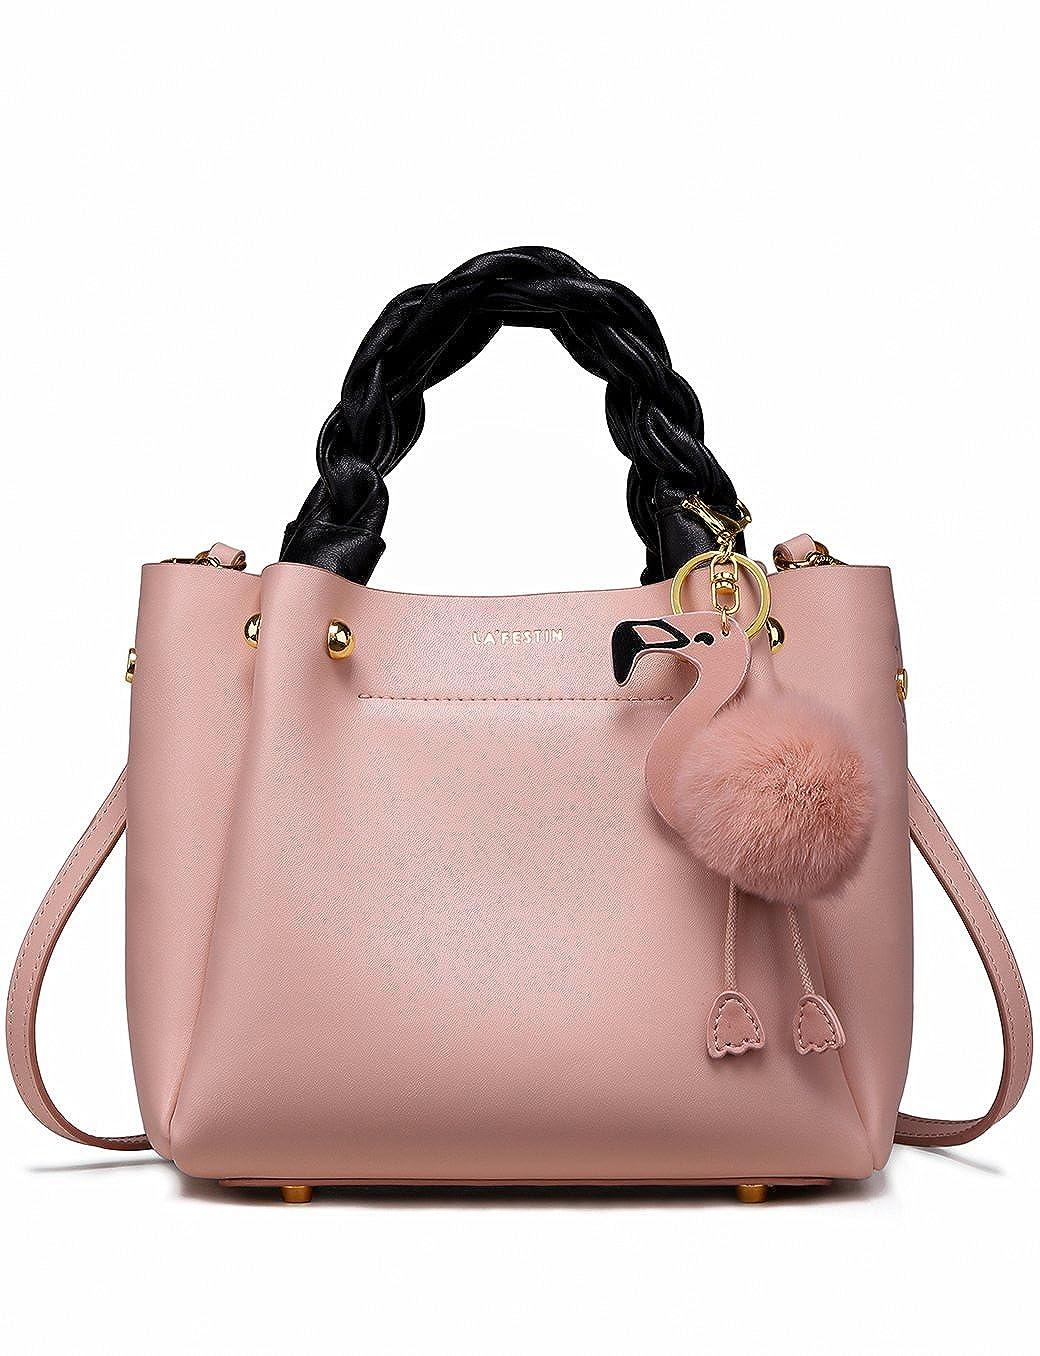 3973e945229c LA FESTIN Designer Fashion Shoulder Tote bag Handbags in Genuine ...